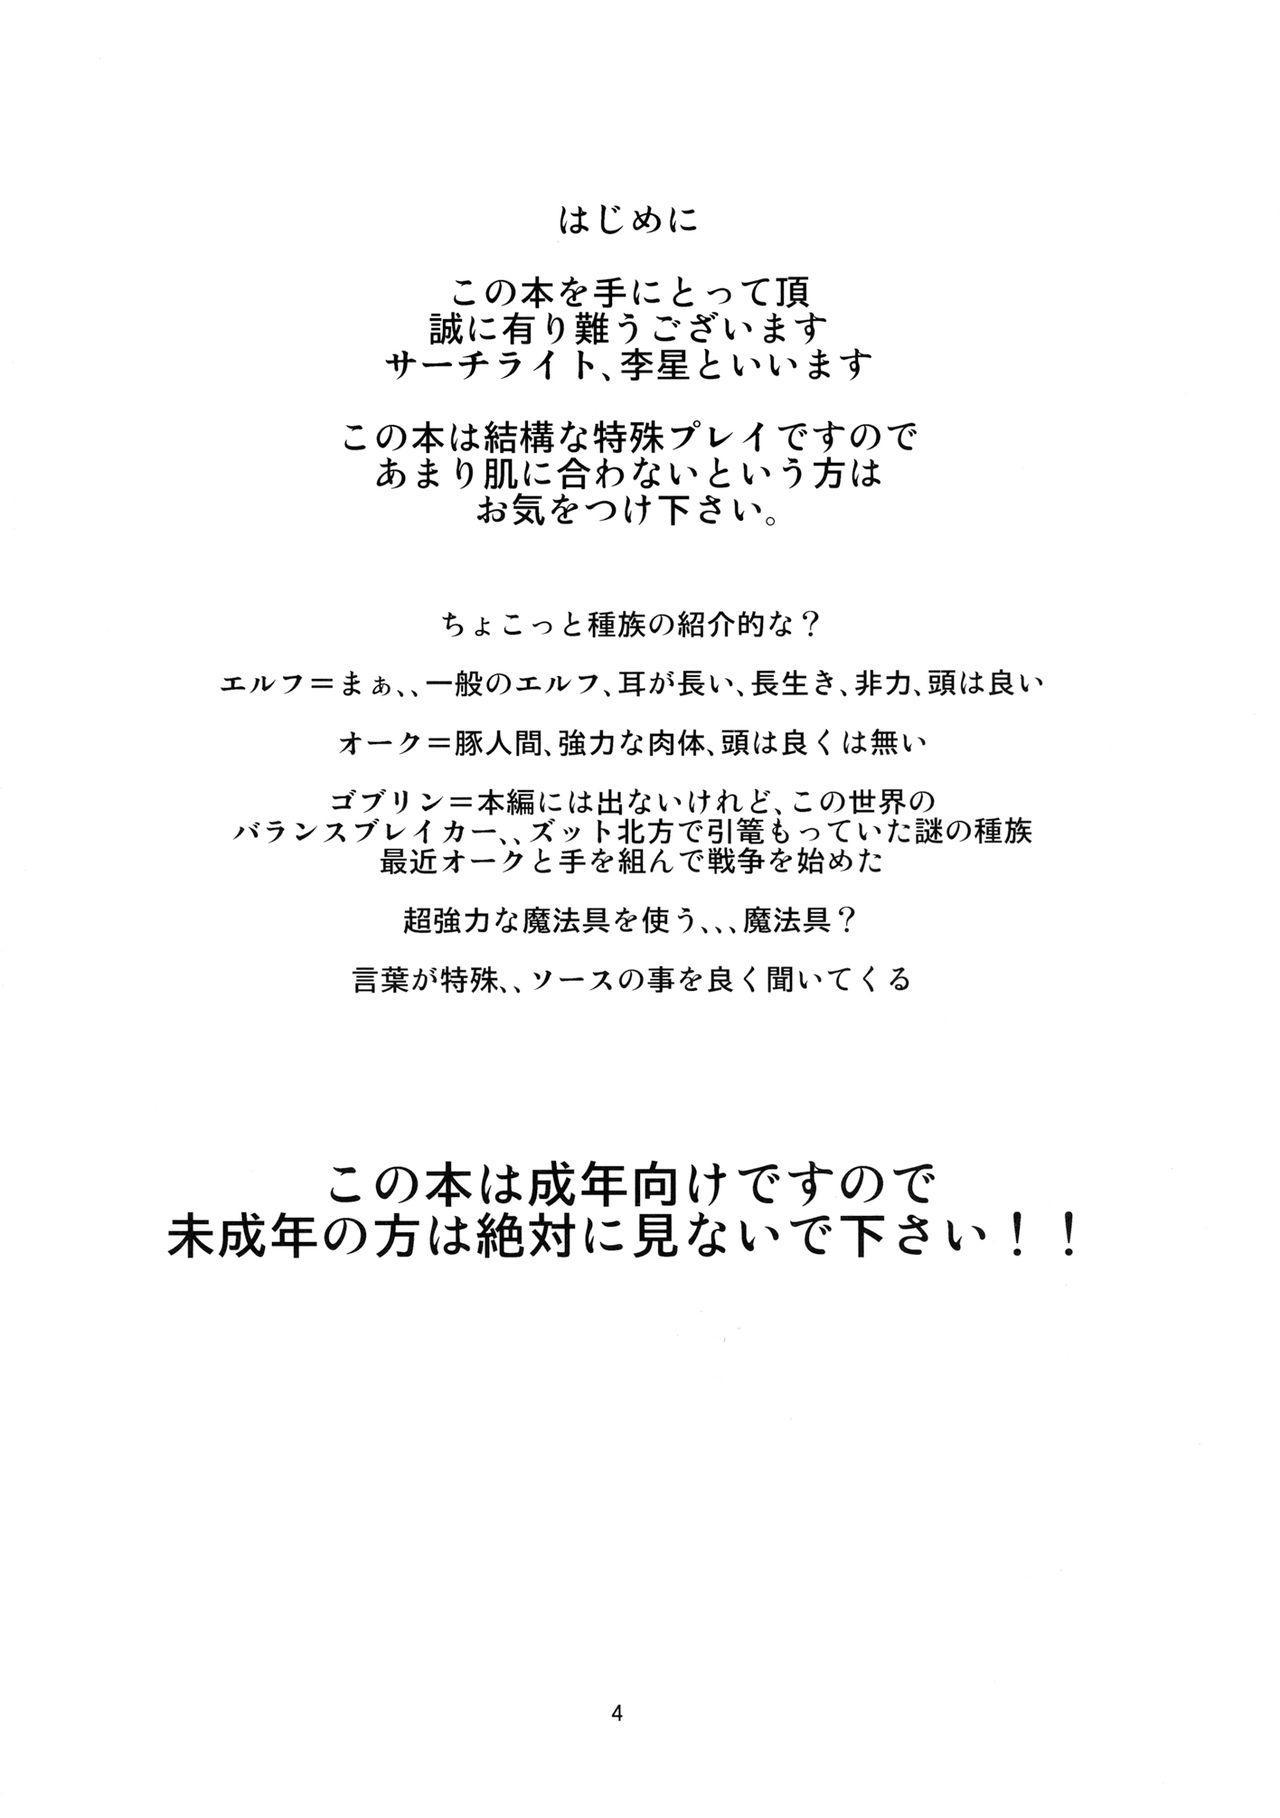 Kodomo Orc ni Kanzen Ochisaserarete Netorareru Mesu Elf 2